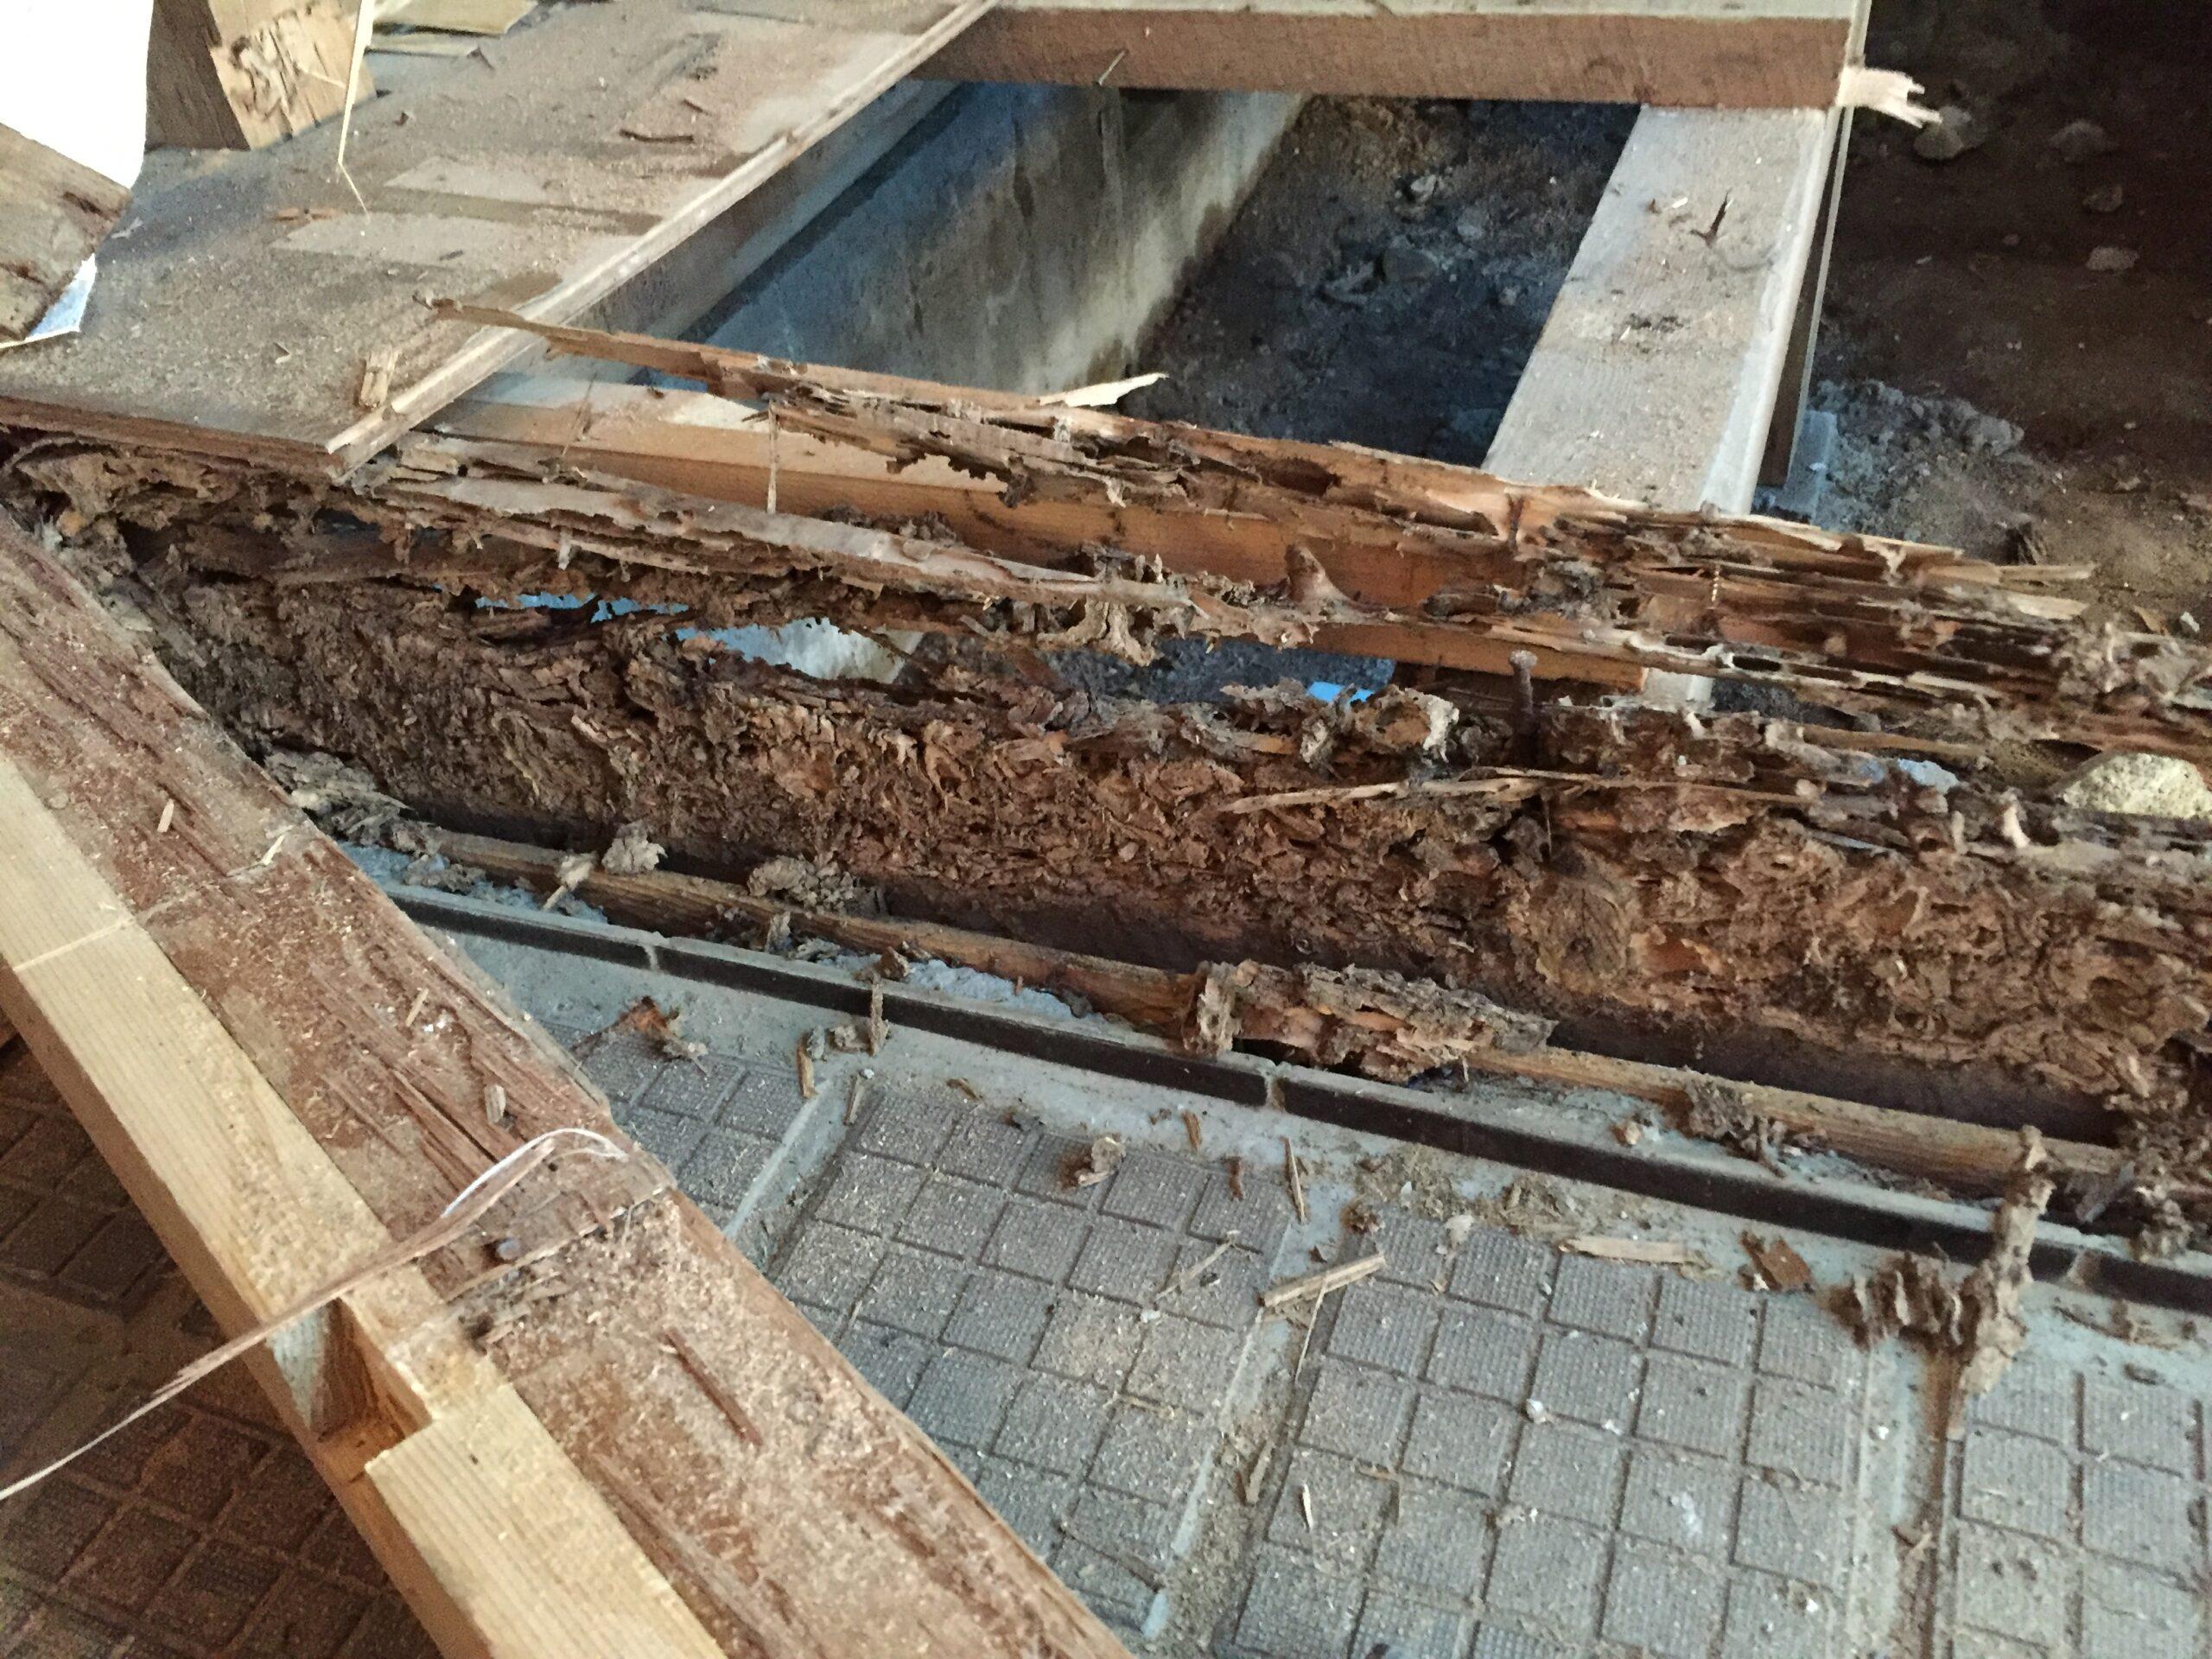 実例紹介。戸建ての床がブカブカ・へこむ原因はシロアリの可能性あり